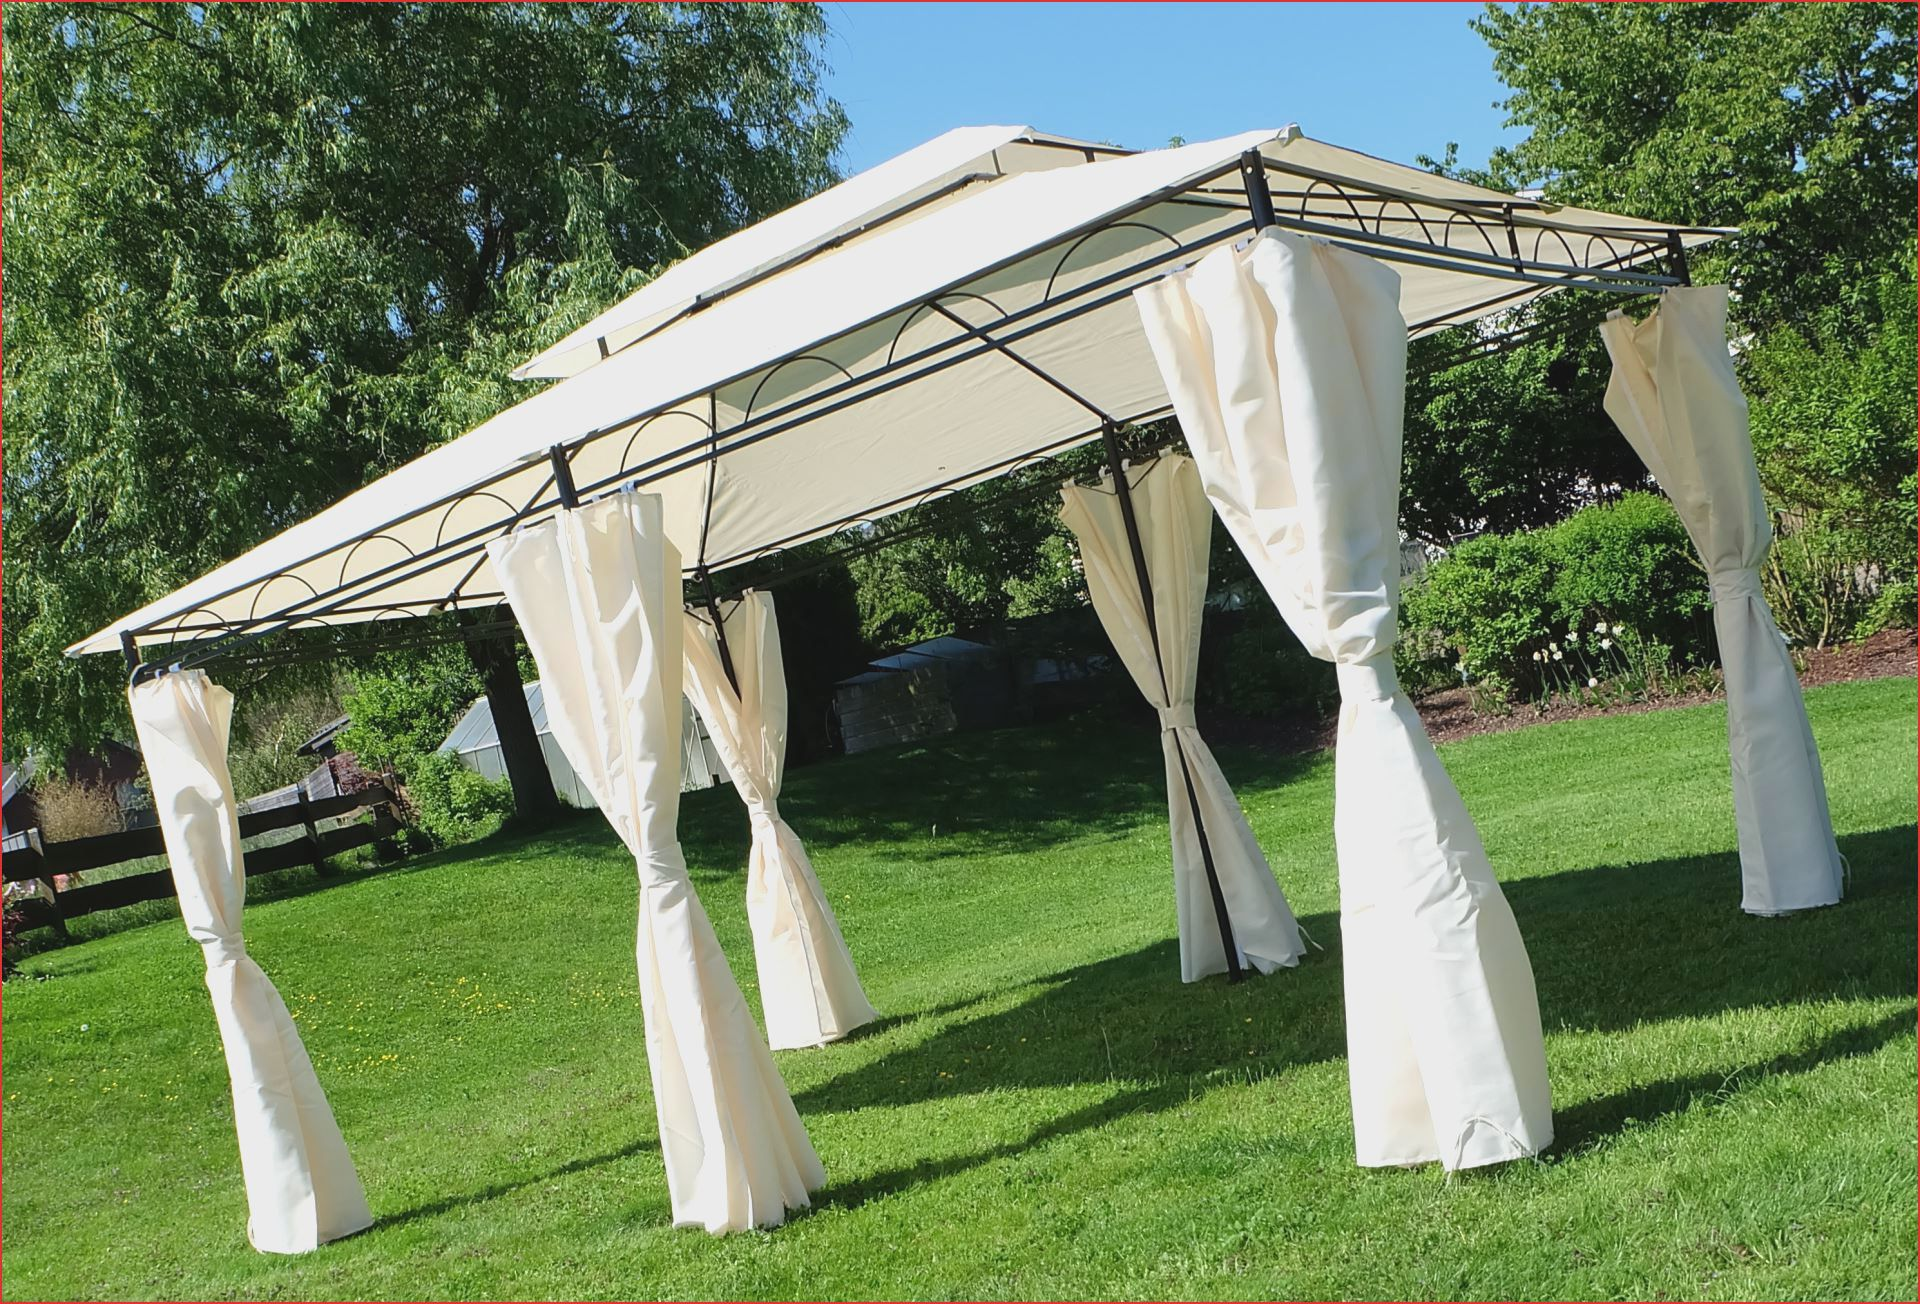 Garten Planen 27 Luxus Pavillon 3x4 Festes Dach O78p